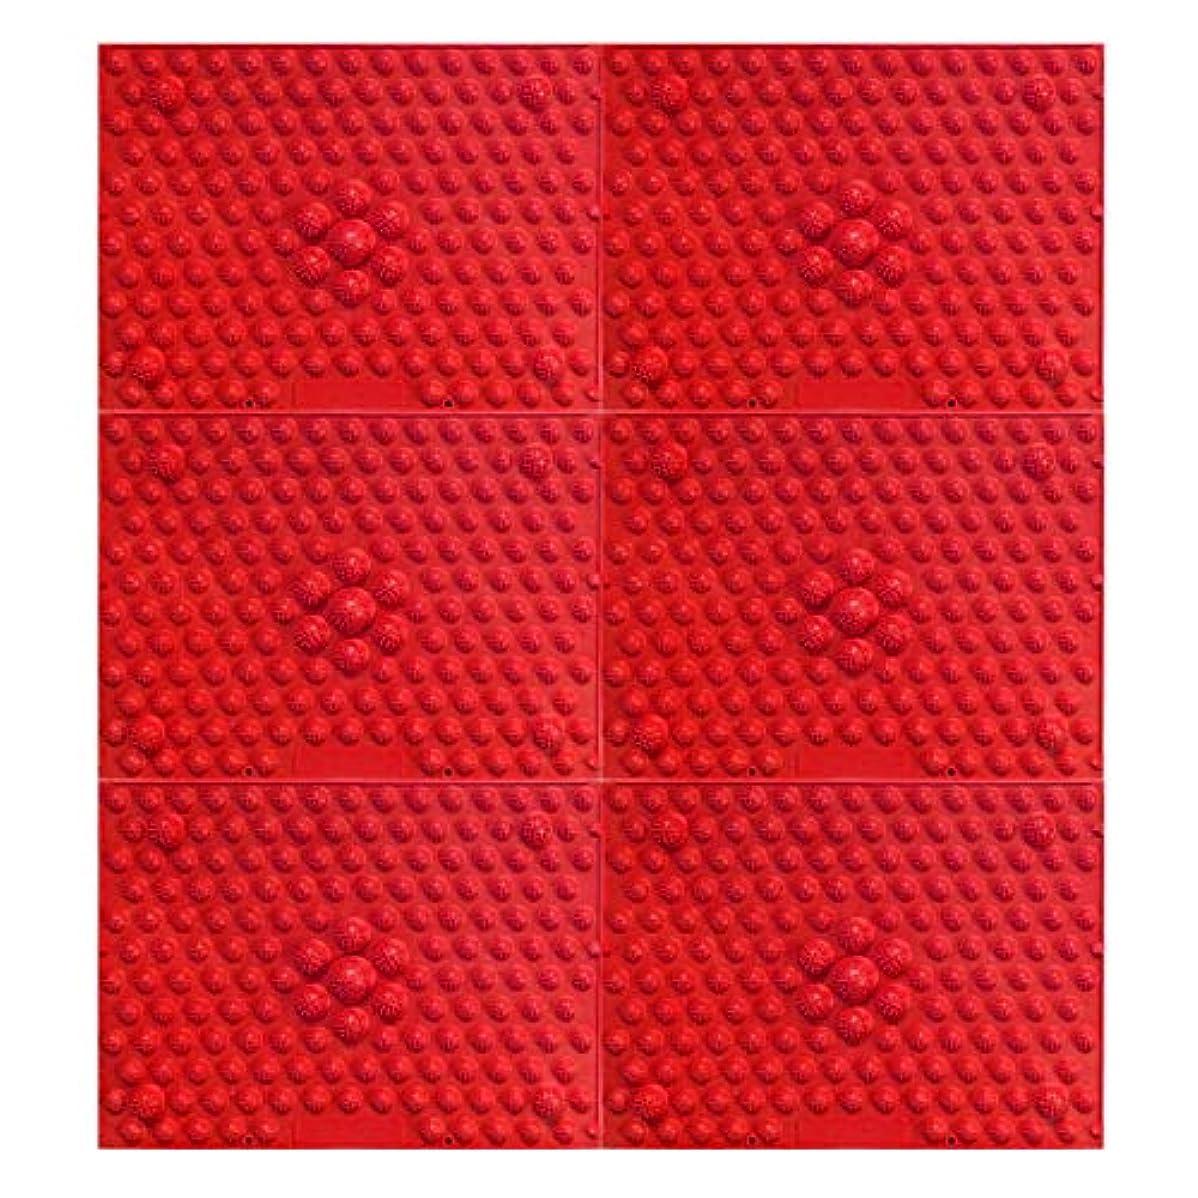 凍った教えてパノラマ疲れsirazu(足踏みマット)ピンク6枚セット (赤)